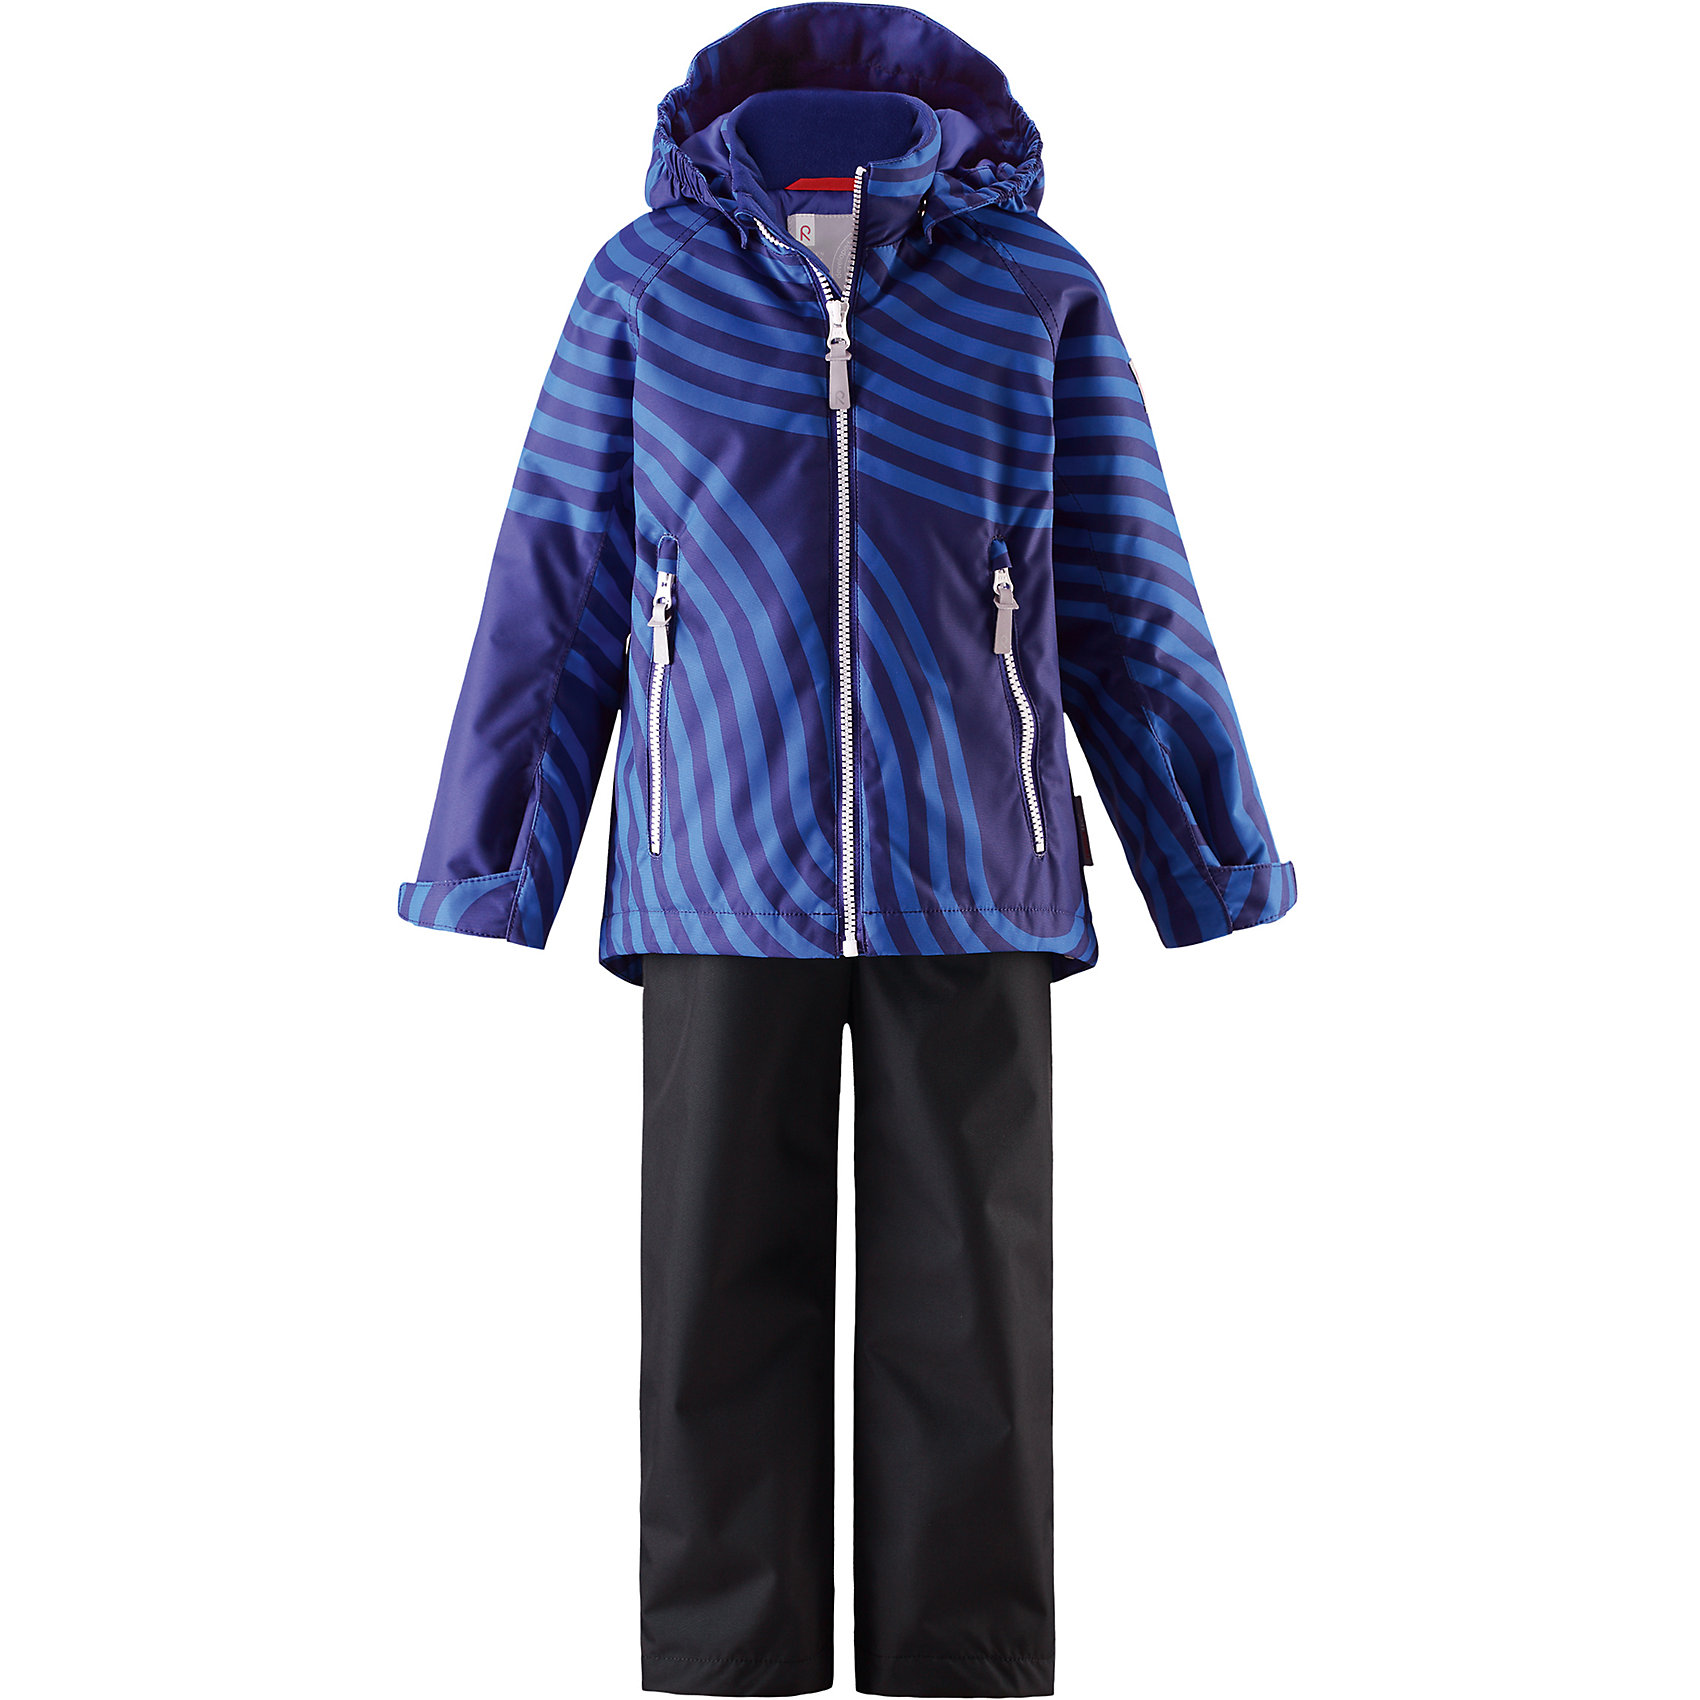 Комплект Seili: куртка и брюки для мальчика Reimatec® ReimaХарактеристики товара:<br><br>• цвет: синий/черный<br>• состав: 100% полиэстер, полиуретановое покрытие<br>• температурный режим: от 0° до +10°С<br>• легкий утеплитель: 80 гр/м2<br>• водонепроницаемость: 10000 мм<br>• воздухопроницаемость: куртка - 5000, брюки - 3000 мм<br>• износостойкость: куртка- 30000, брюки - 50000 циклов (тест Мартиндейла)<br>• основные швы проклеены, водонепроницаемы<br>• водо- и ветронепроницаемый, дышащий, грязеотталкивающий материал<br>• подкладка из мягкого полиэстера<br>• безопасный съёмный капюшон<br>• регулируемые манжеты на застёжке-липучке<br>• регулируемый подол<br>• регулируемые концы брючин<br>• комфортная посадка<br>• отстегивающиеся регулируемые подтяжки<br>• два кармана на молнии<br>• страна производства: Китай<br>• страна бренда: Финляндия<br>• коллекция: весна-лето 2017<br><br>Демисезонный комплект из куртки и штанов поможет обеспечить ребенку комфорт и тепло. Предметы отлично смотрятся с различной одеждой. Комплект удобно сидит и модно выглядит. Материал отлично подходит для дождливой погоды. Стильный дизайн разрабатывался специально для детей.<br><br>Обувь и одежда от финского бренда Reima пользуются популярностью во многих странах. Они стильные, качественные и удобные. Для производства продукции используются только безопасные, проверенные материалы и фурнитура.<br><br>Комплект: куртка и брюки для девочки Reimatec® от финского бренда Reima (Рейма) можно купить в нашем интернет-магазине.<br><br>Ширина мм: 356<br>Глубина мм: 10<br>Высота мм: 245<br>Вес г: 519<br>Цвет: синий<br>Возраст от месяцев: 18<br>Возраст до месяцев: 24<br>Пол: Мужской<br>Возраст: Детский<br>Размер: 92,140,134,128,122,116,110,104,98<br>SKU: 5266060